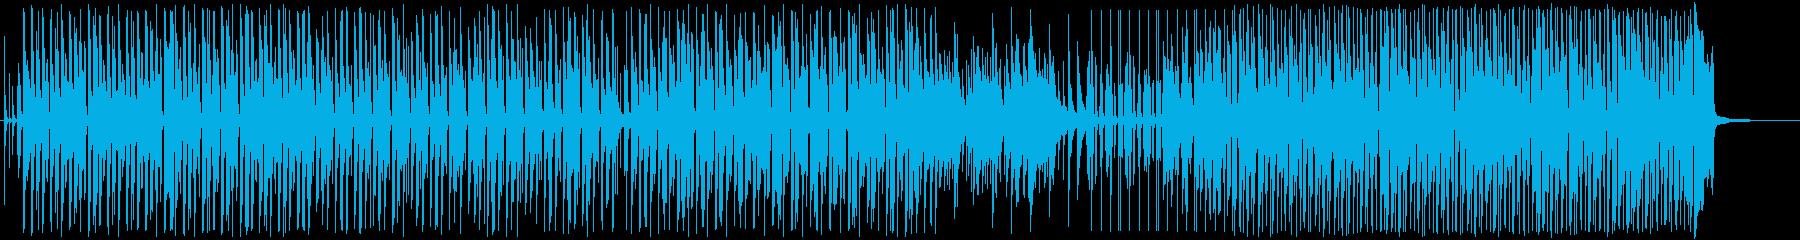 明るく優しいウクレレ口笛ポップ♪の再生済みの波形